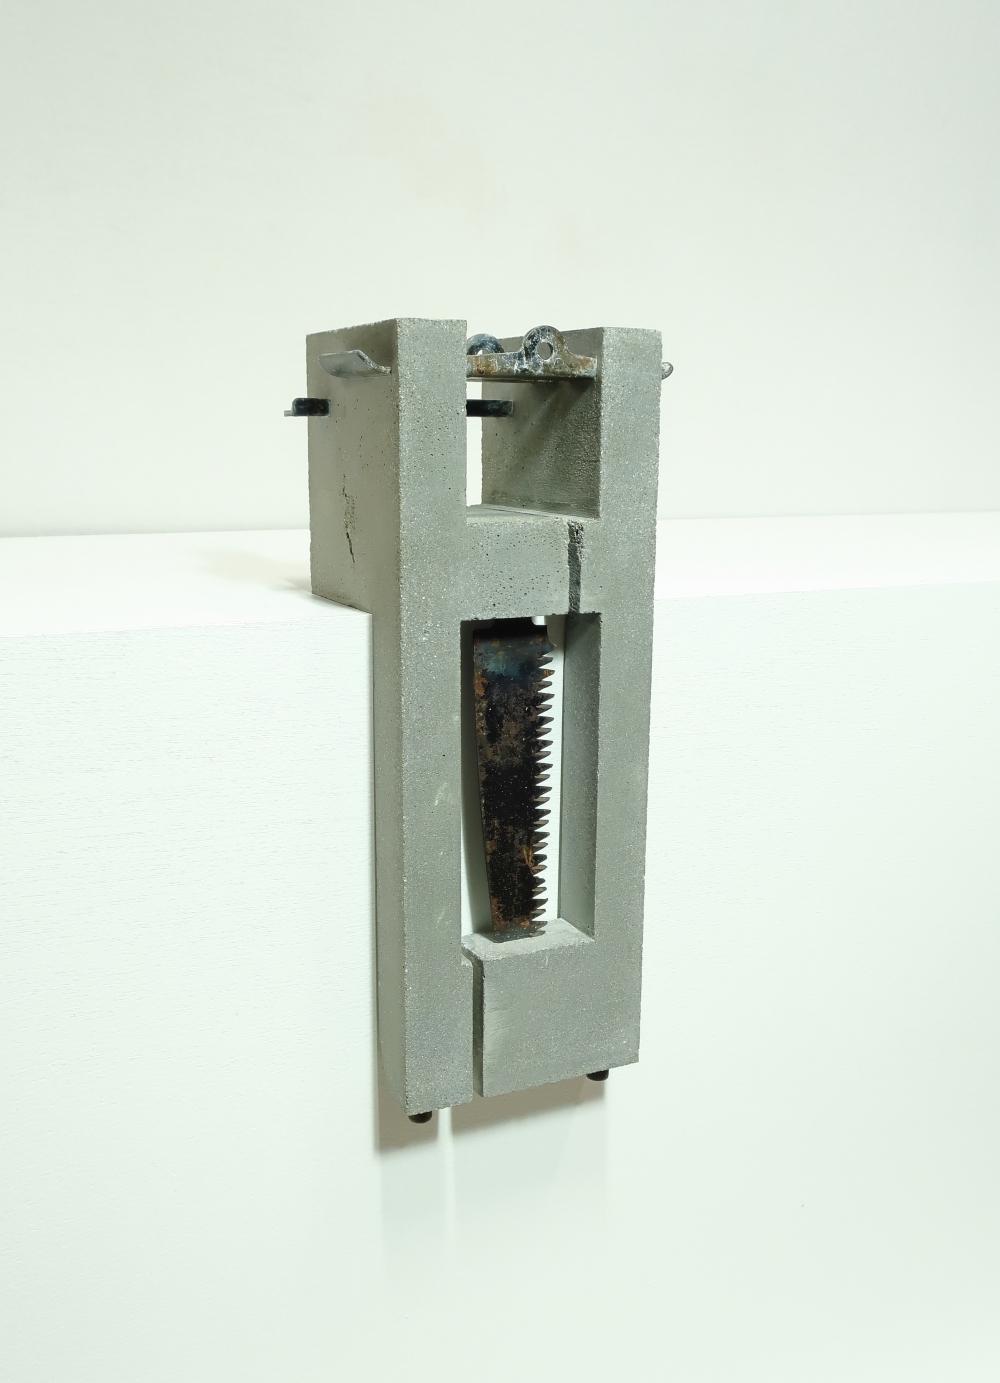 exid711wid677 / 八百万シリーズ -電気のこぎり・ノコギリ刃-